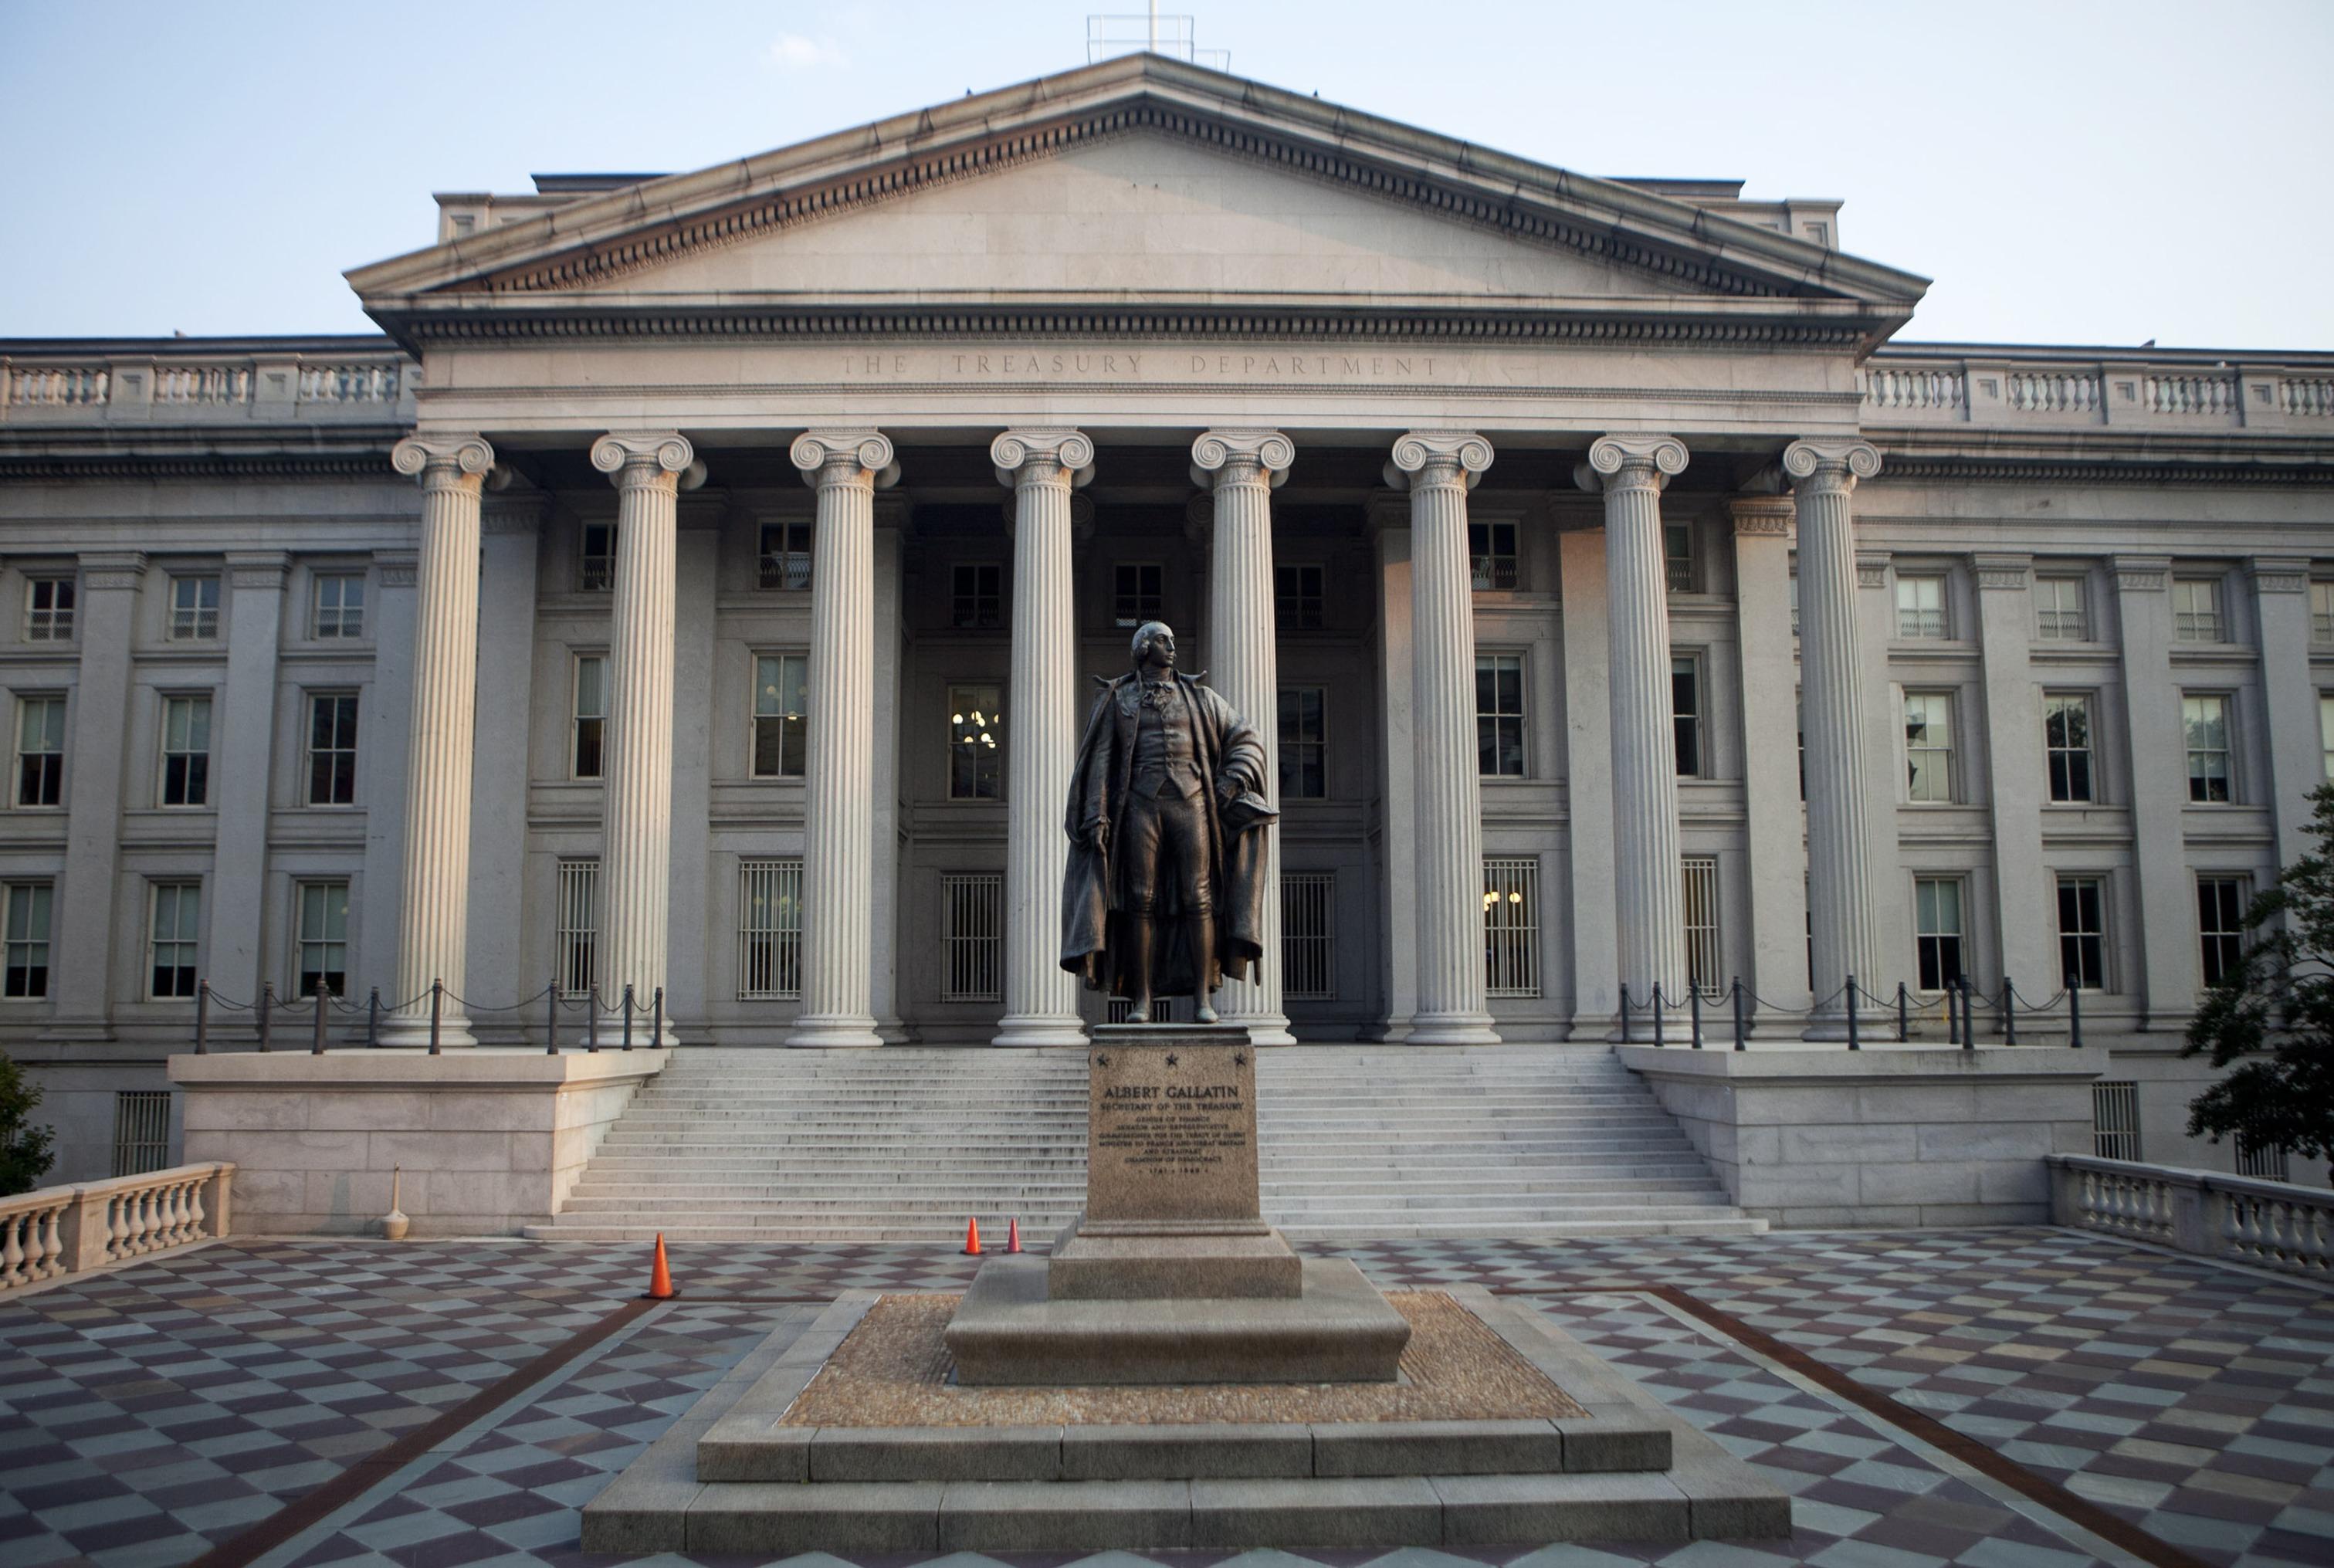 bloomberg.com - Katia Dmitrieva - America's Big Deficits Are Solving a Big Problem for Markets